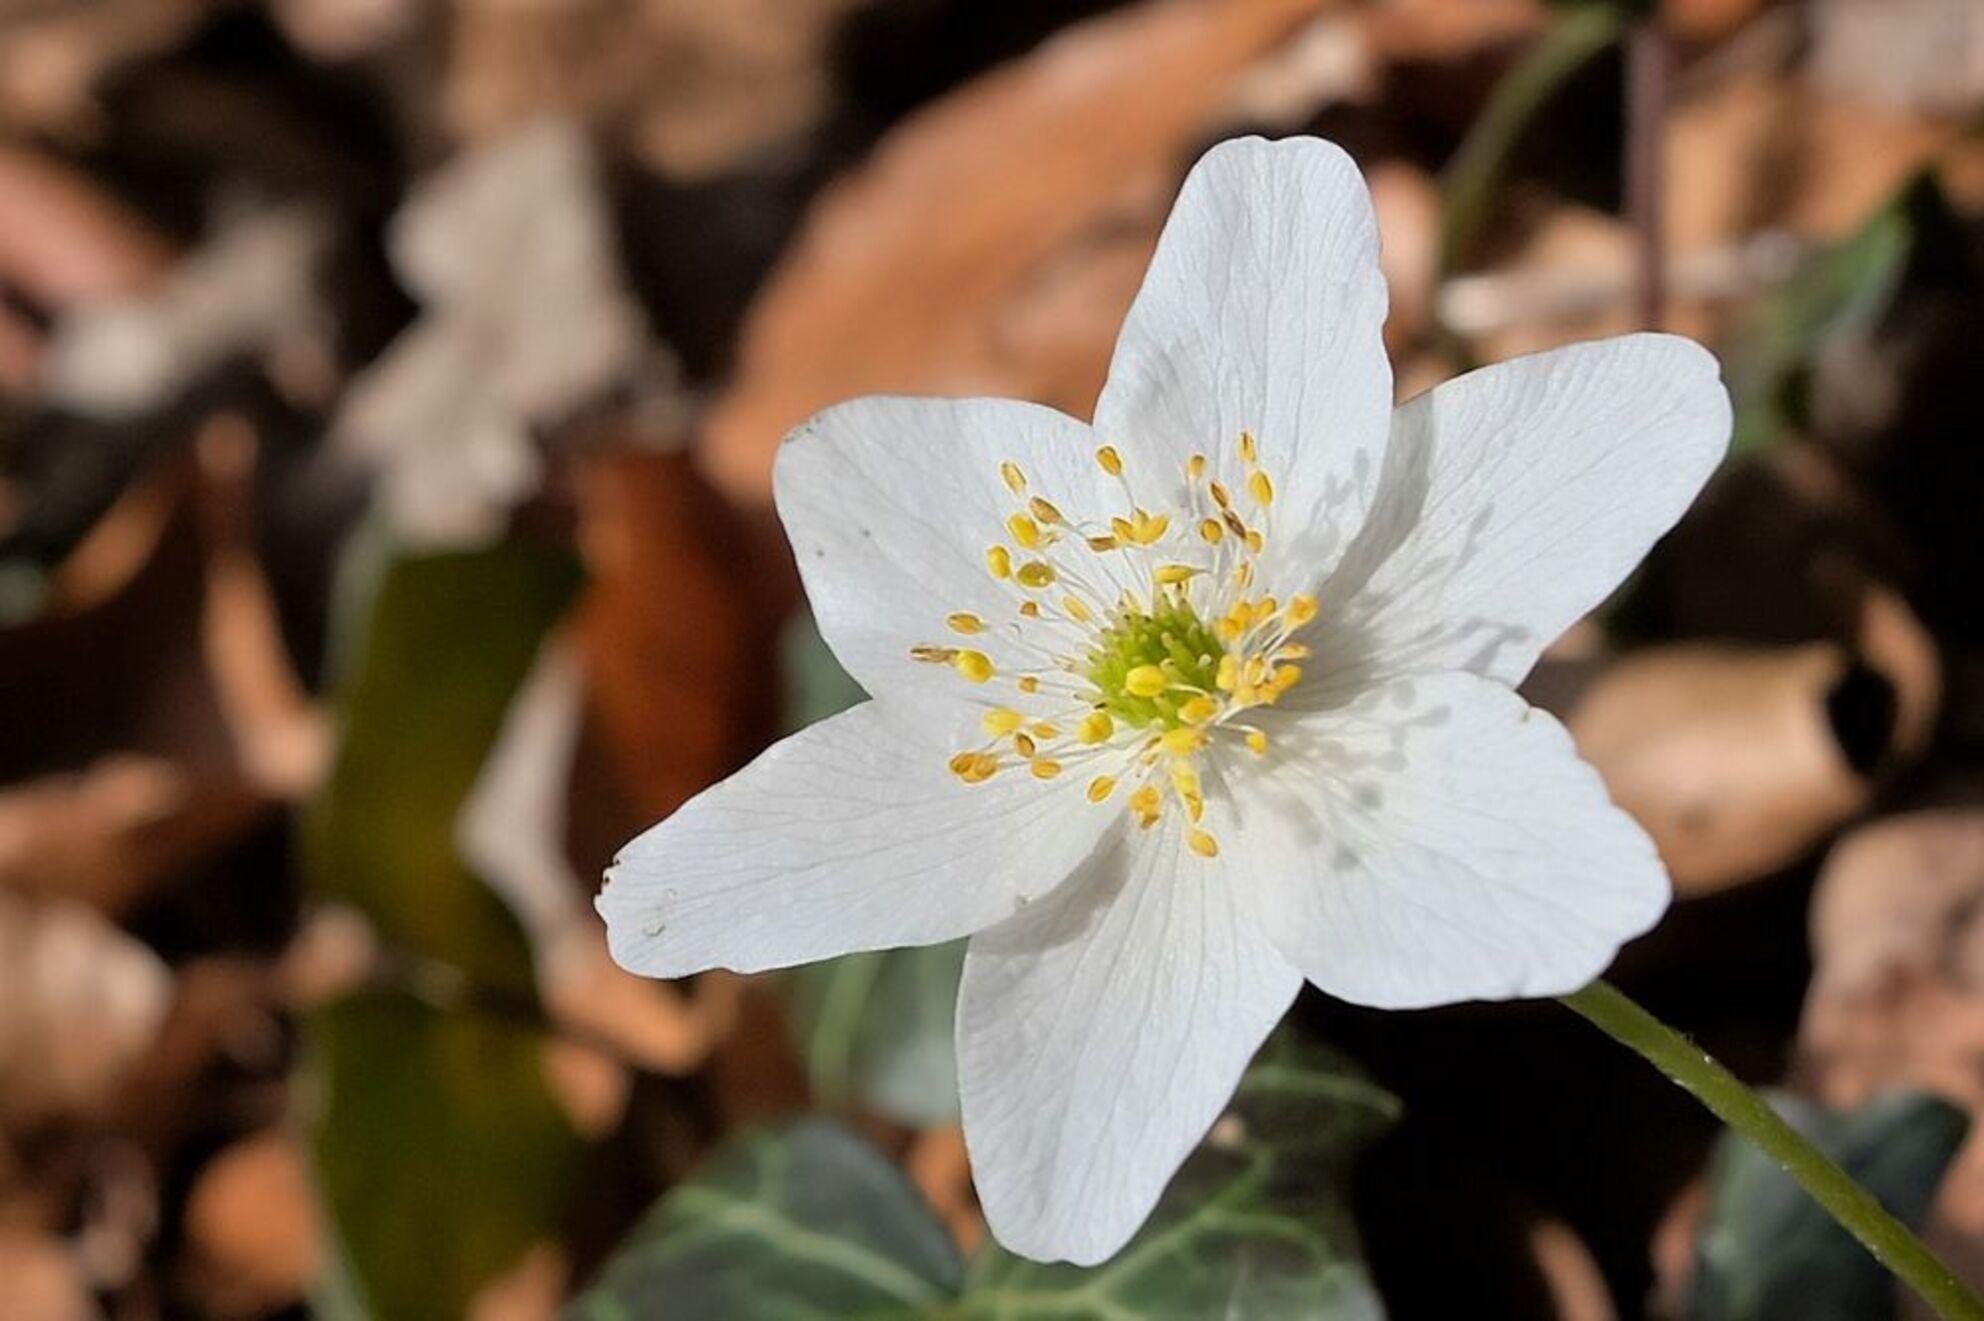 Bosanemoon - Allen bedankt voor jullie reactie,s.  Geen softe uitvoering maar puur zo die gaat..  gr jenny.... - foto door jenny42 op 11-04-2018 - deze foto bevat: groen, wit, bloem, lente, natuur, geel, blad, landschap, voorjaar, nederland, herfstblad, anemoon, dickninge, de Wijk, havezate.